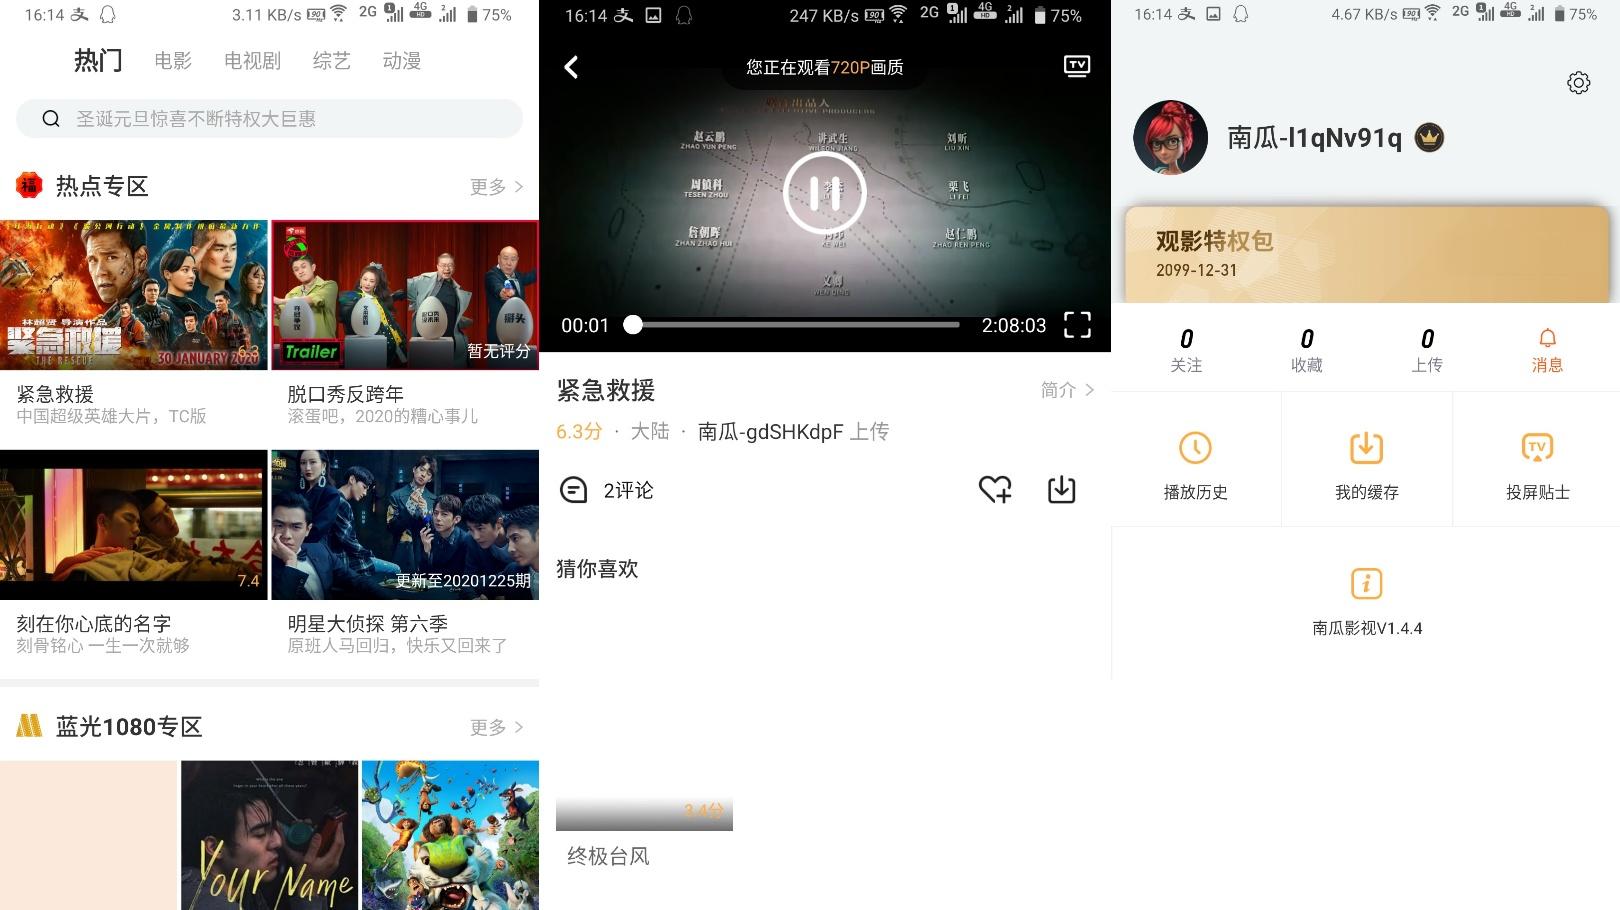 南瓜影视V1.4.4最新永久VIP版本以去除所有广告